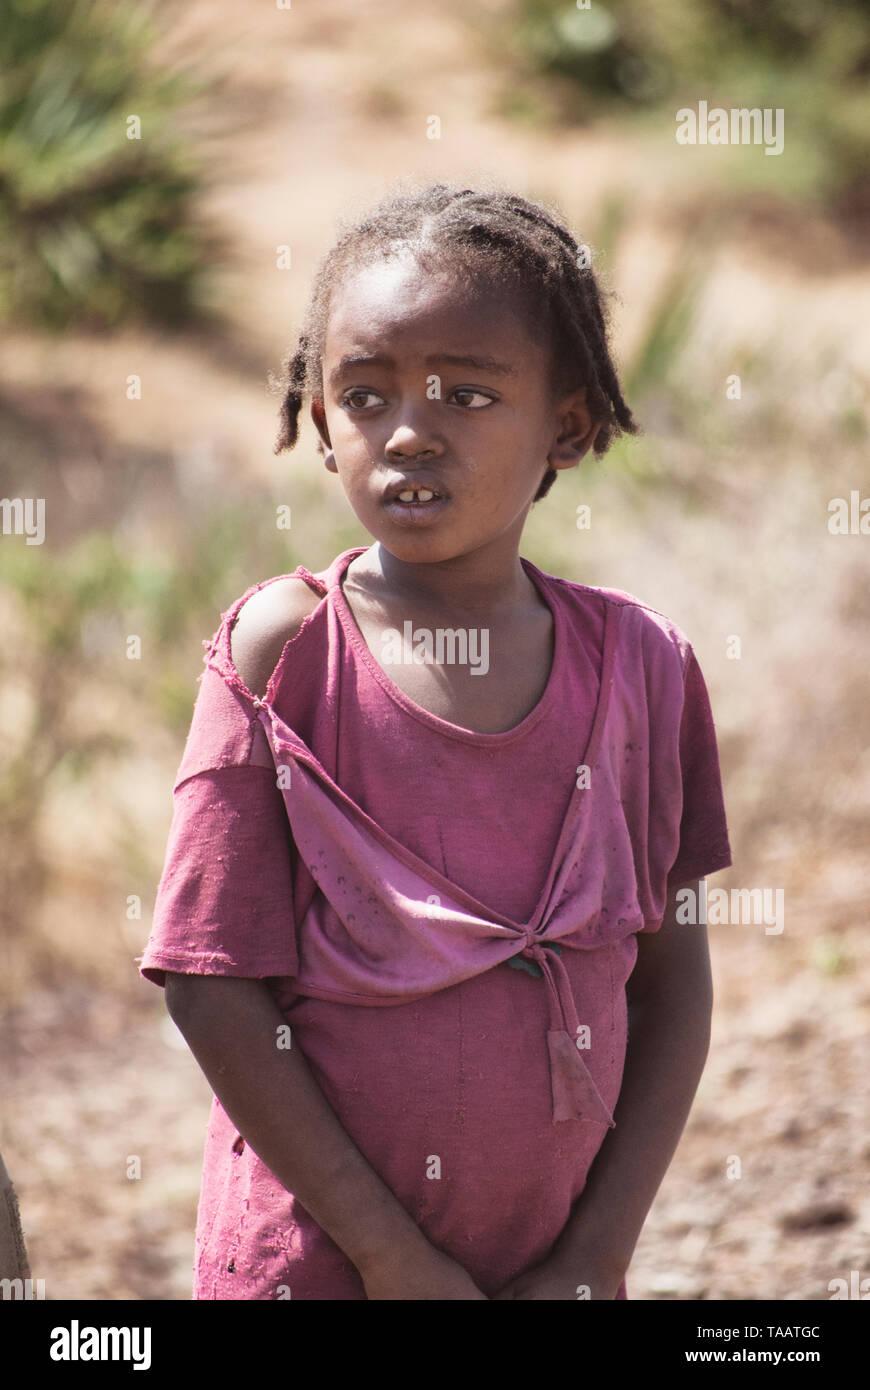 Petite fille en zone rurale, l'Éthiopie. L'accaparement de terres laisse de nombreuses communautés de vivre dans la pauvreté au milieu de raréfaction des ressources naturelles Photo Stock